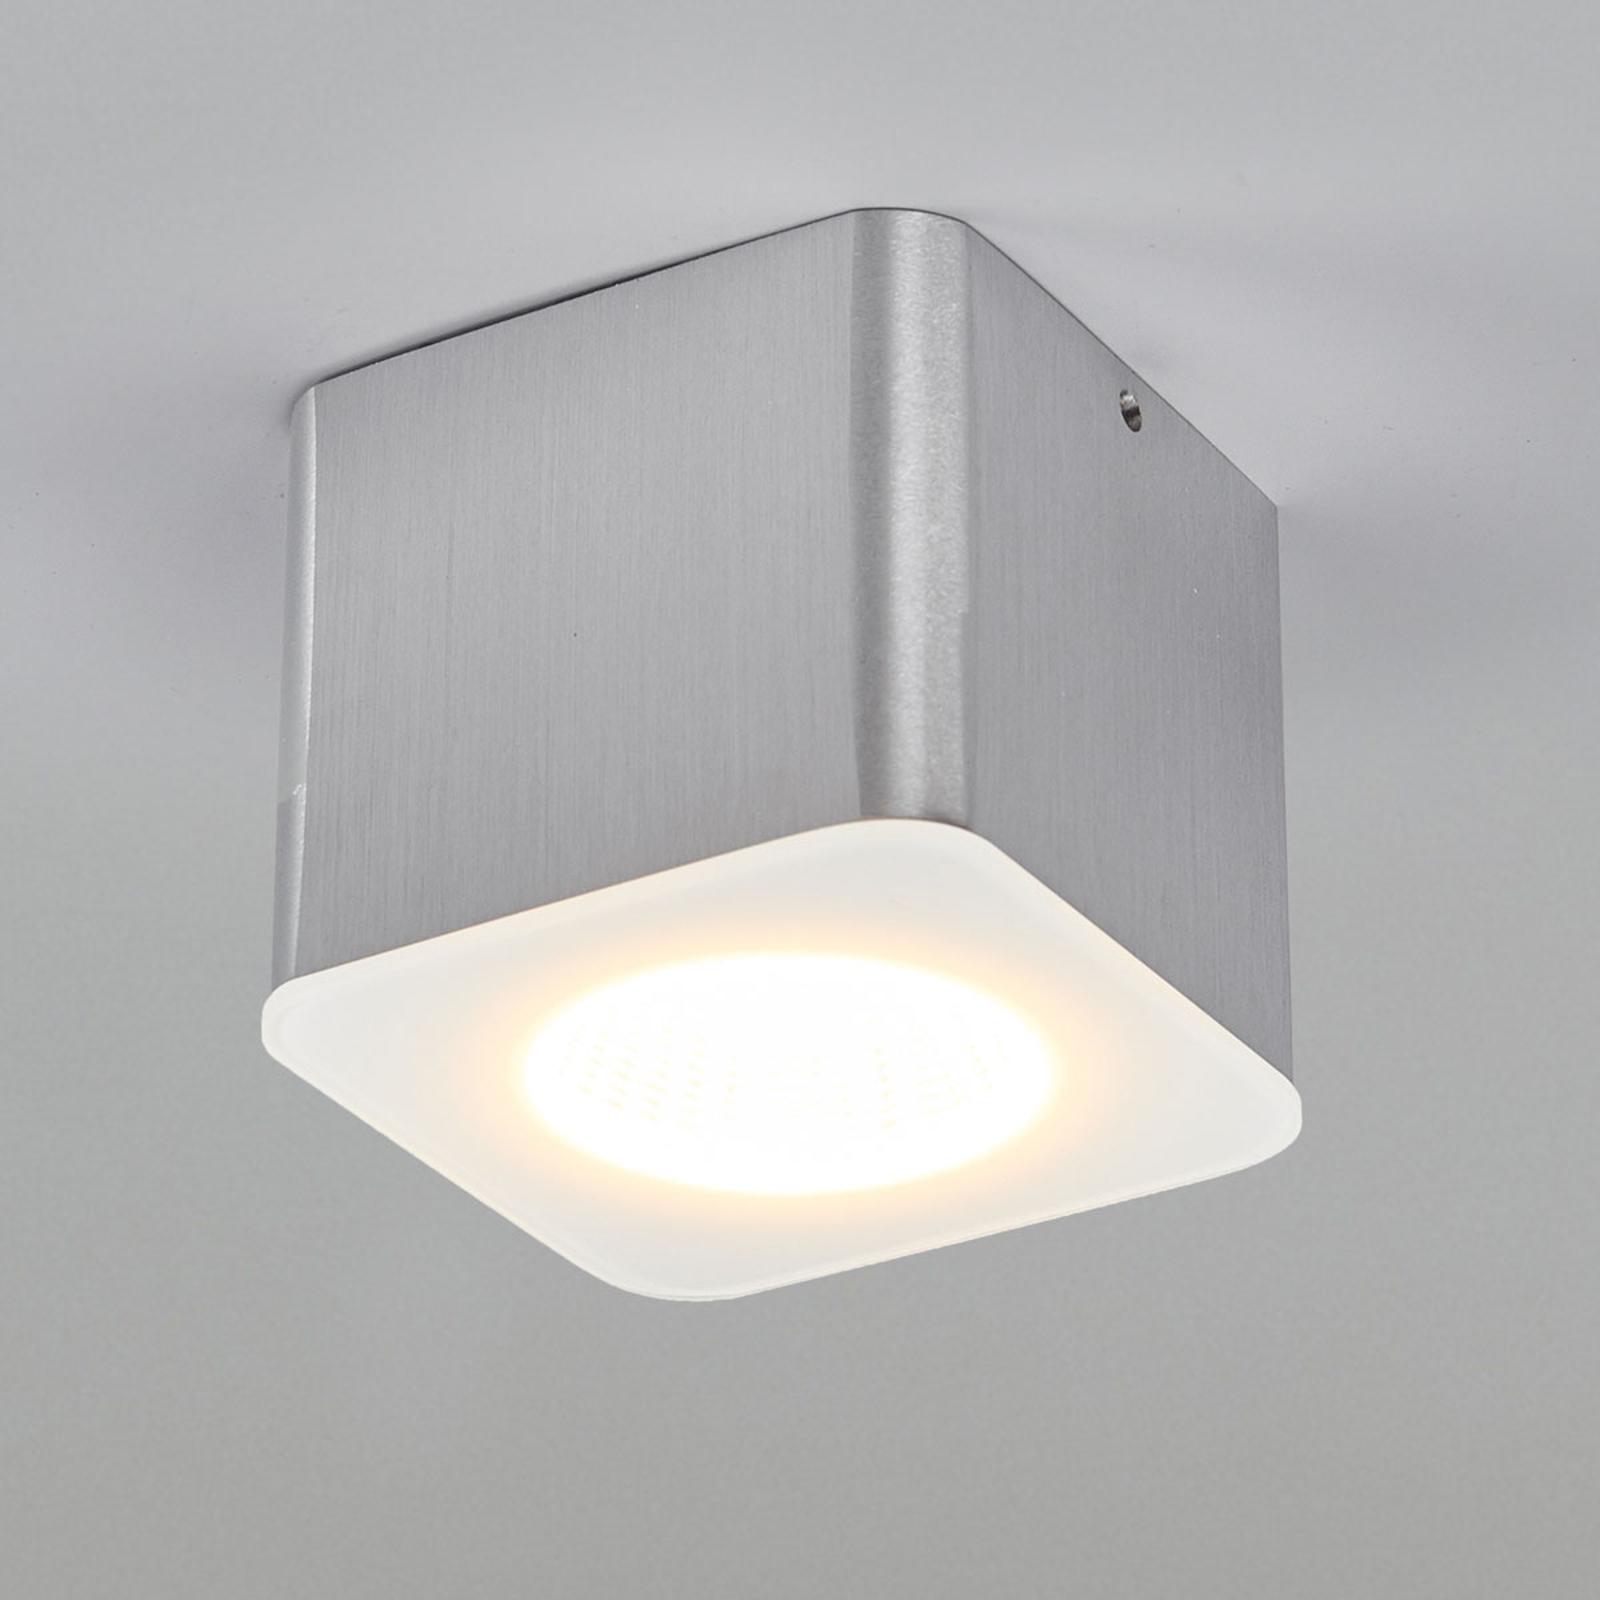 Helestra Oso spot plafond LED, angulaire, alu mat